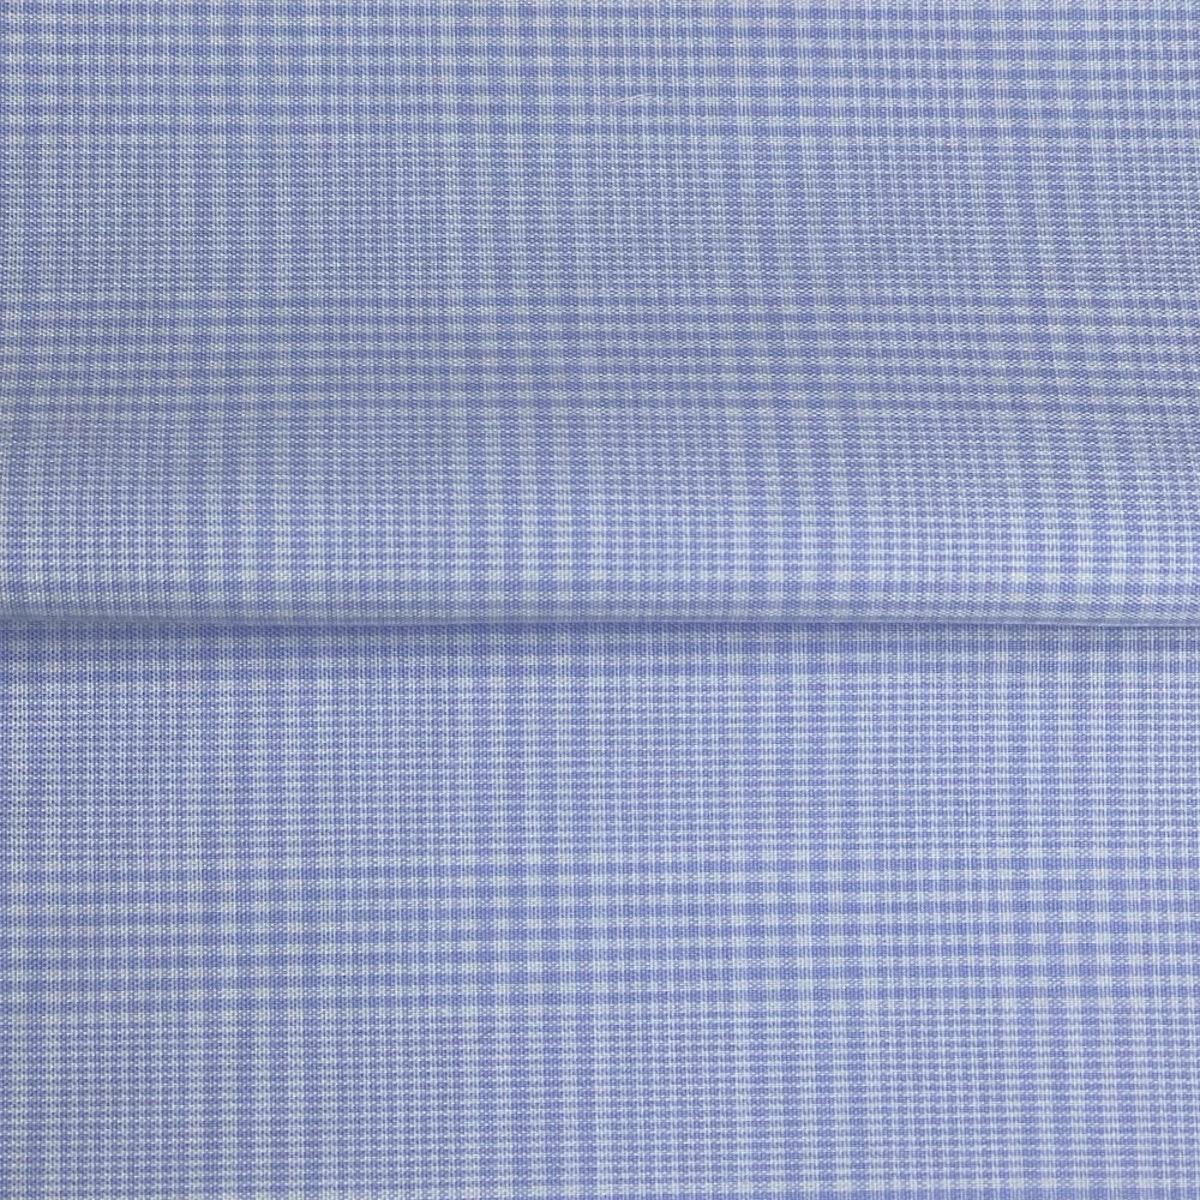 InStitchu Shirt Fabric 255